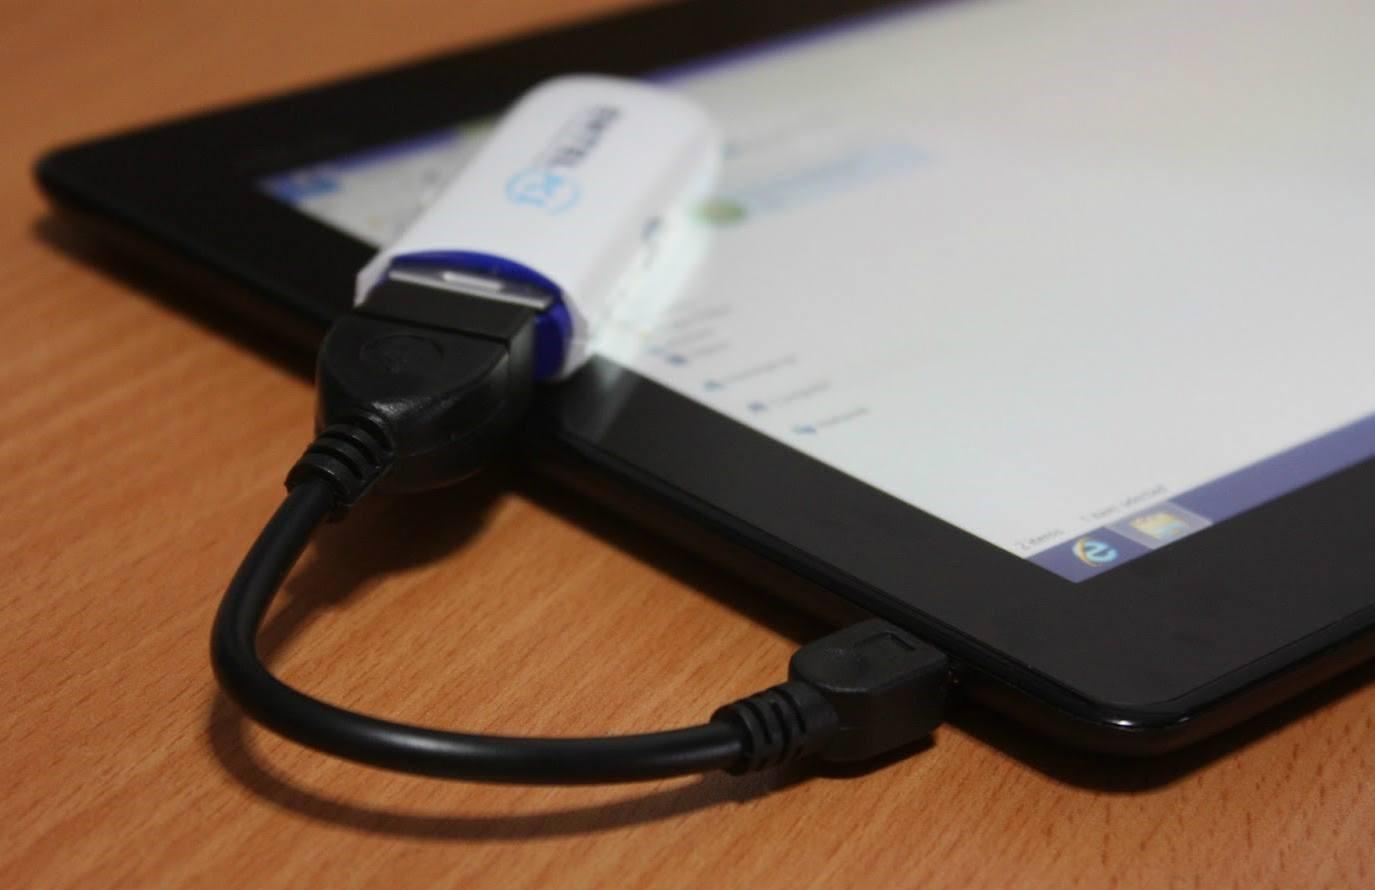 №2. Модем, подключённый к планшету при помощи кабеля-адаптера